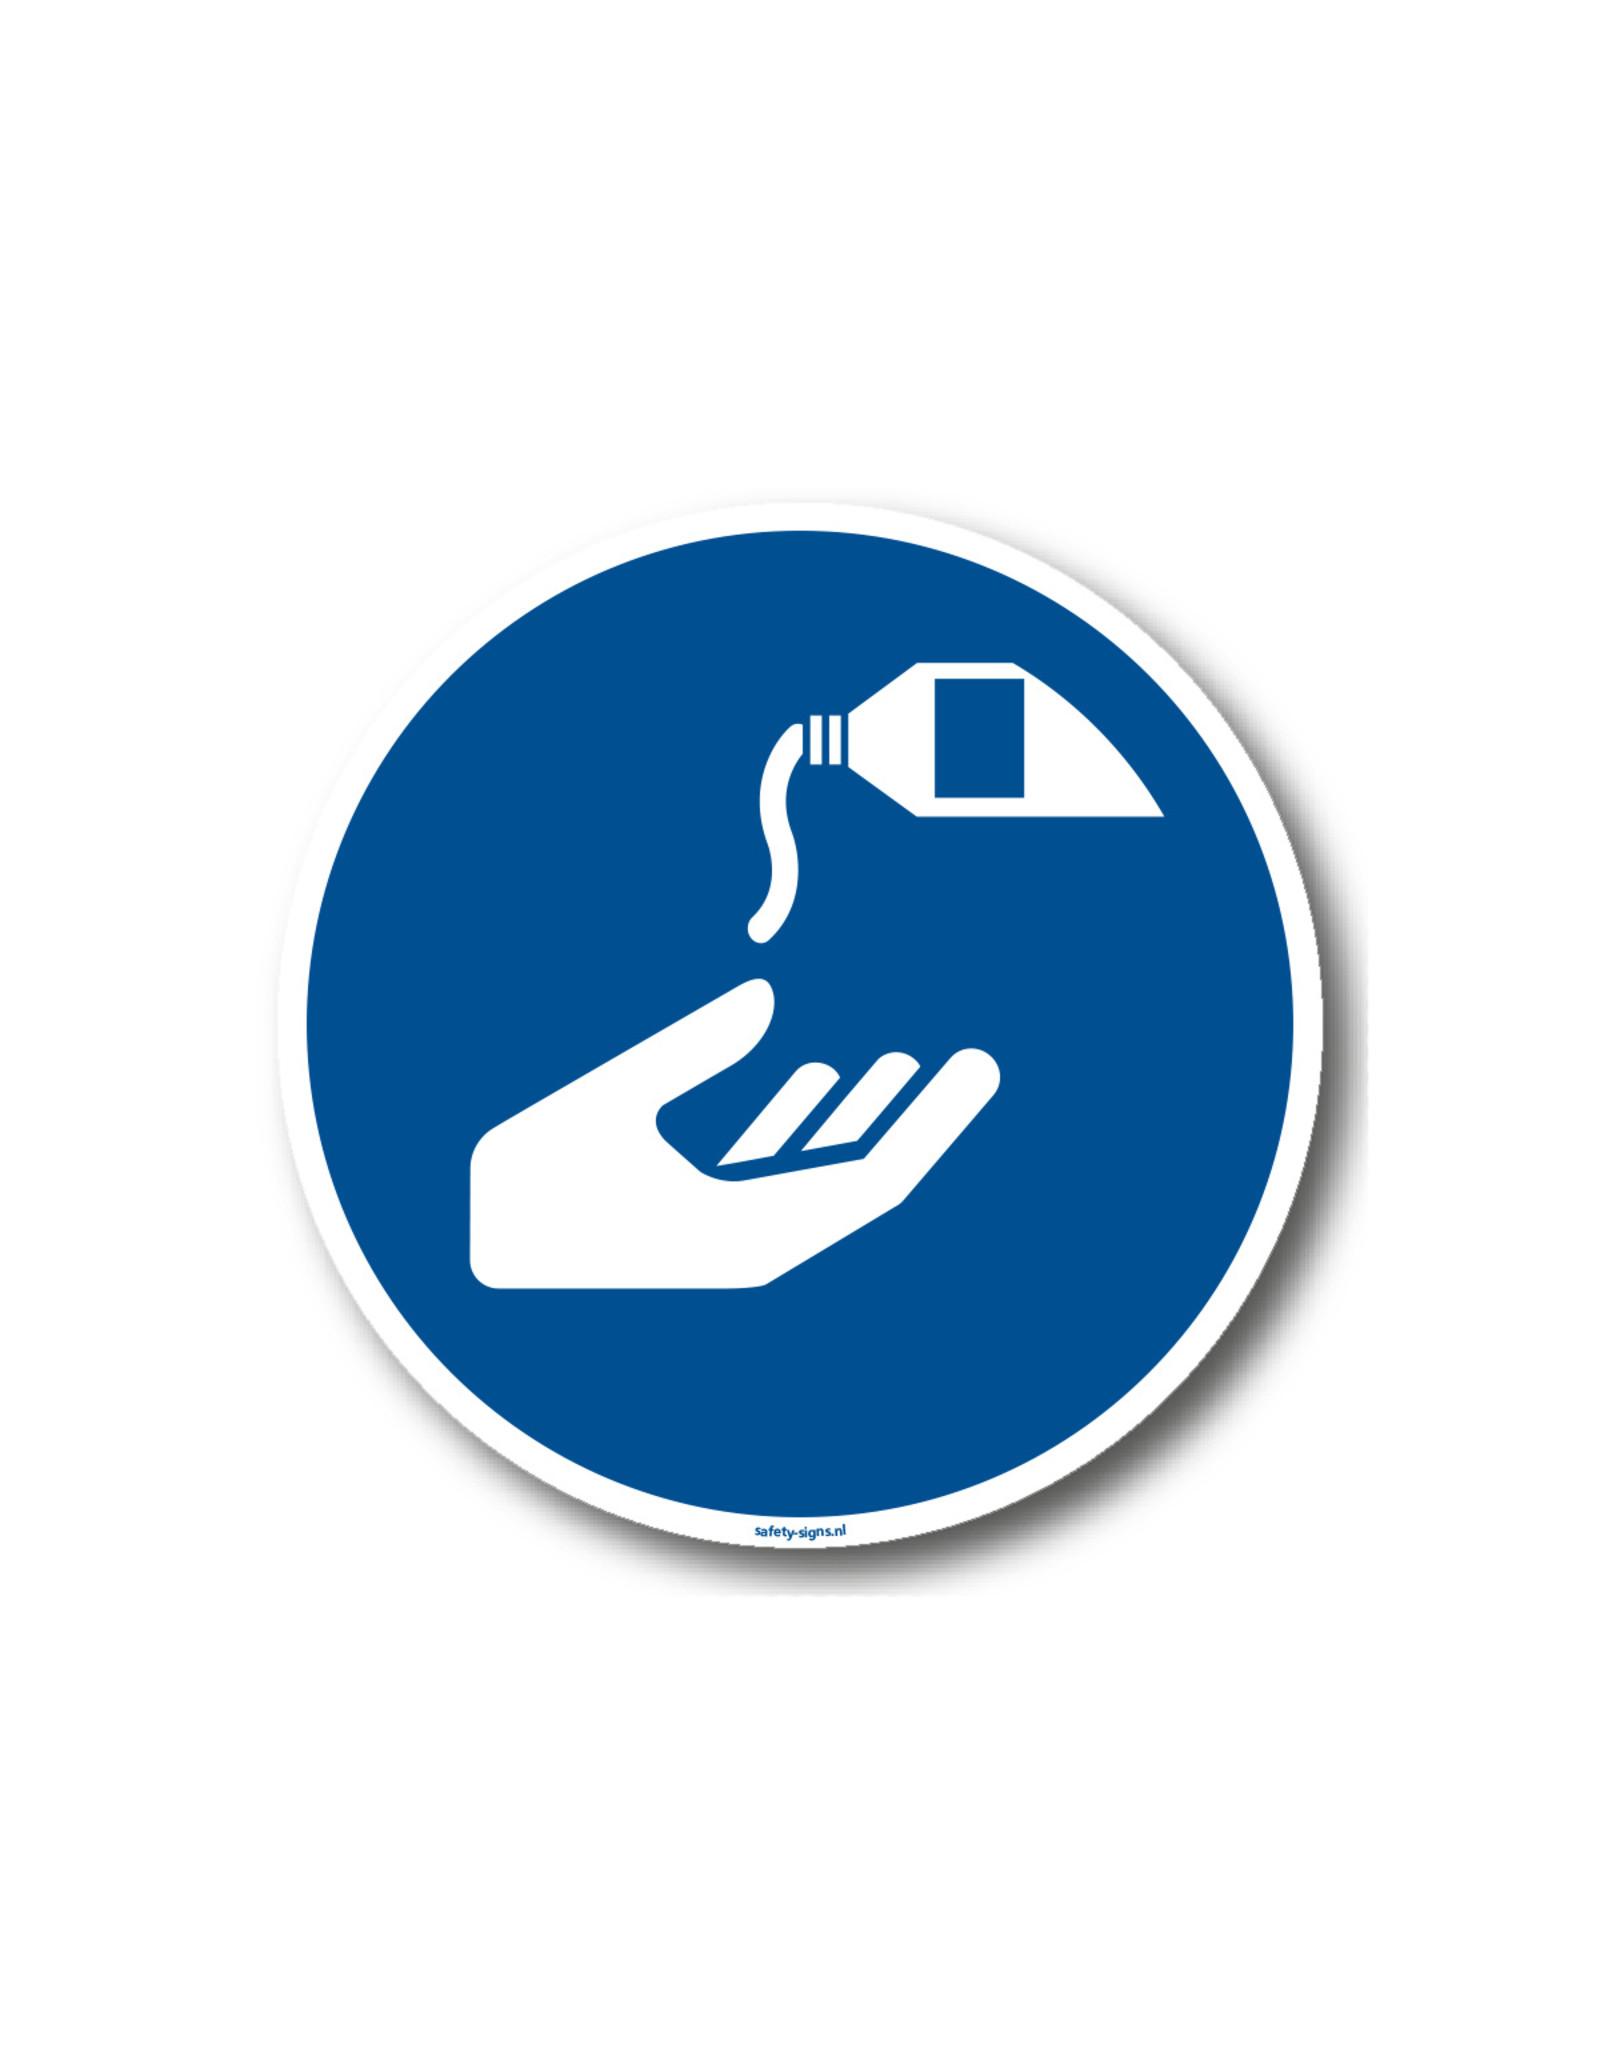 BrouwerSign Gebod - Gebruik desinfecterende handgel verplicht